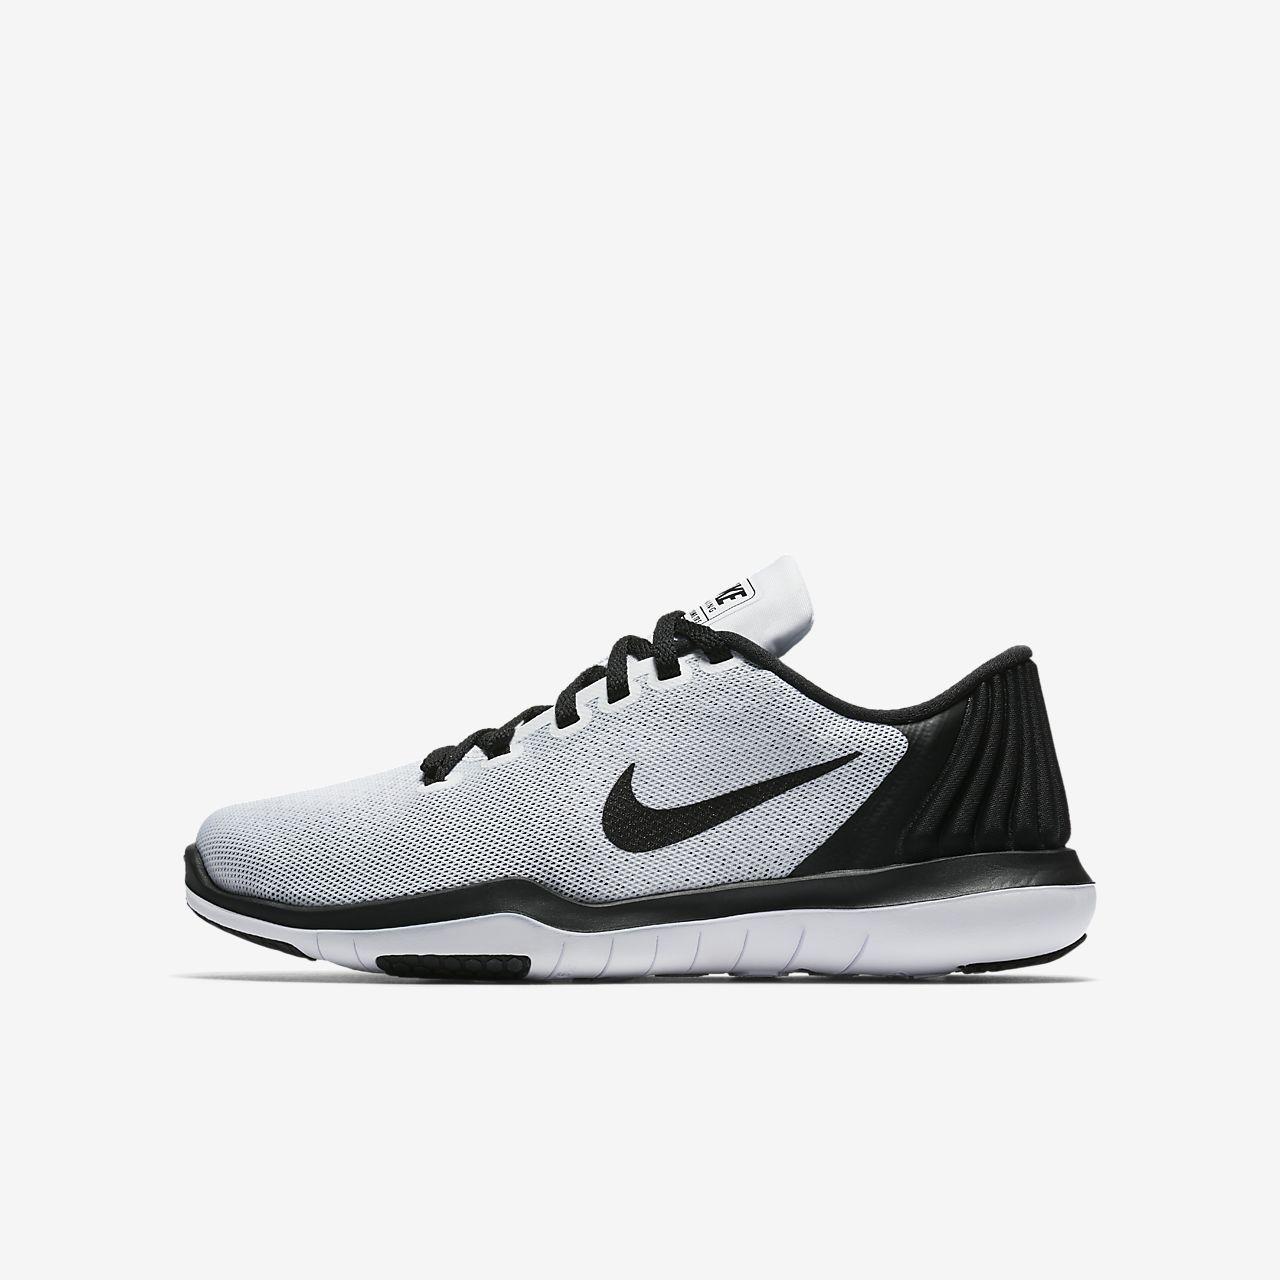 Nike Training Allenamento FLEX 5 Scarpe Da Ginnastica Taglia 8